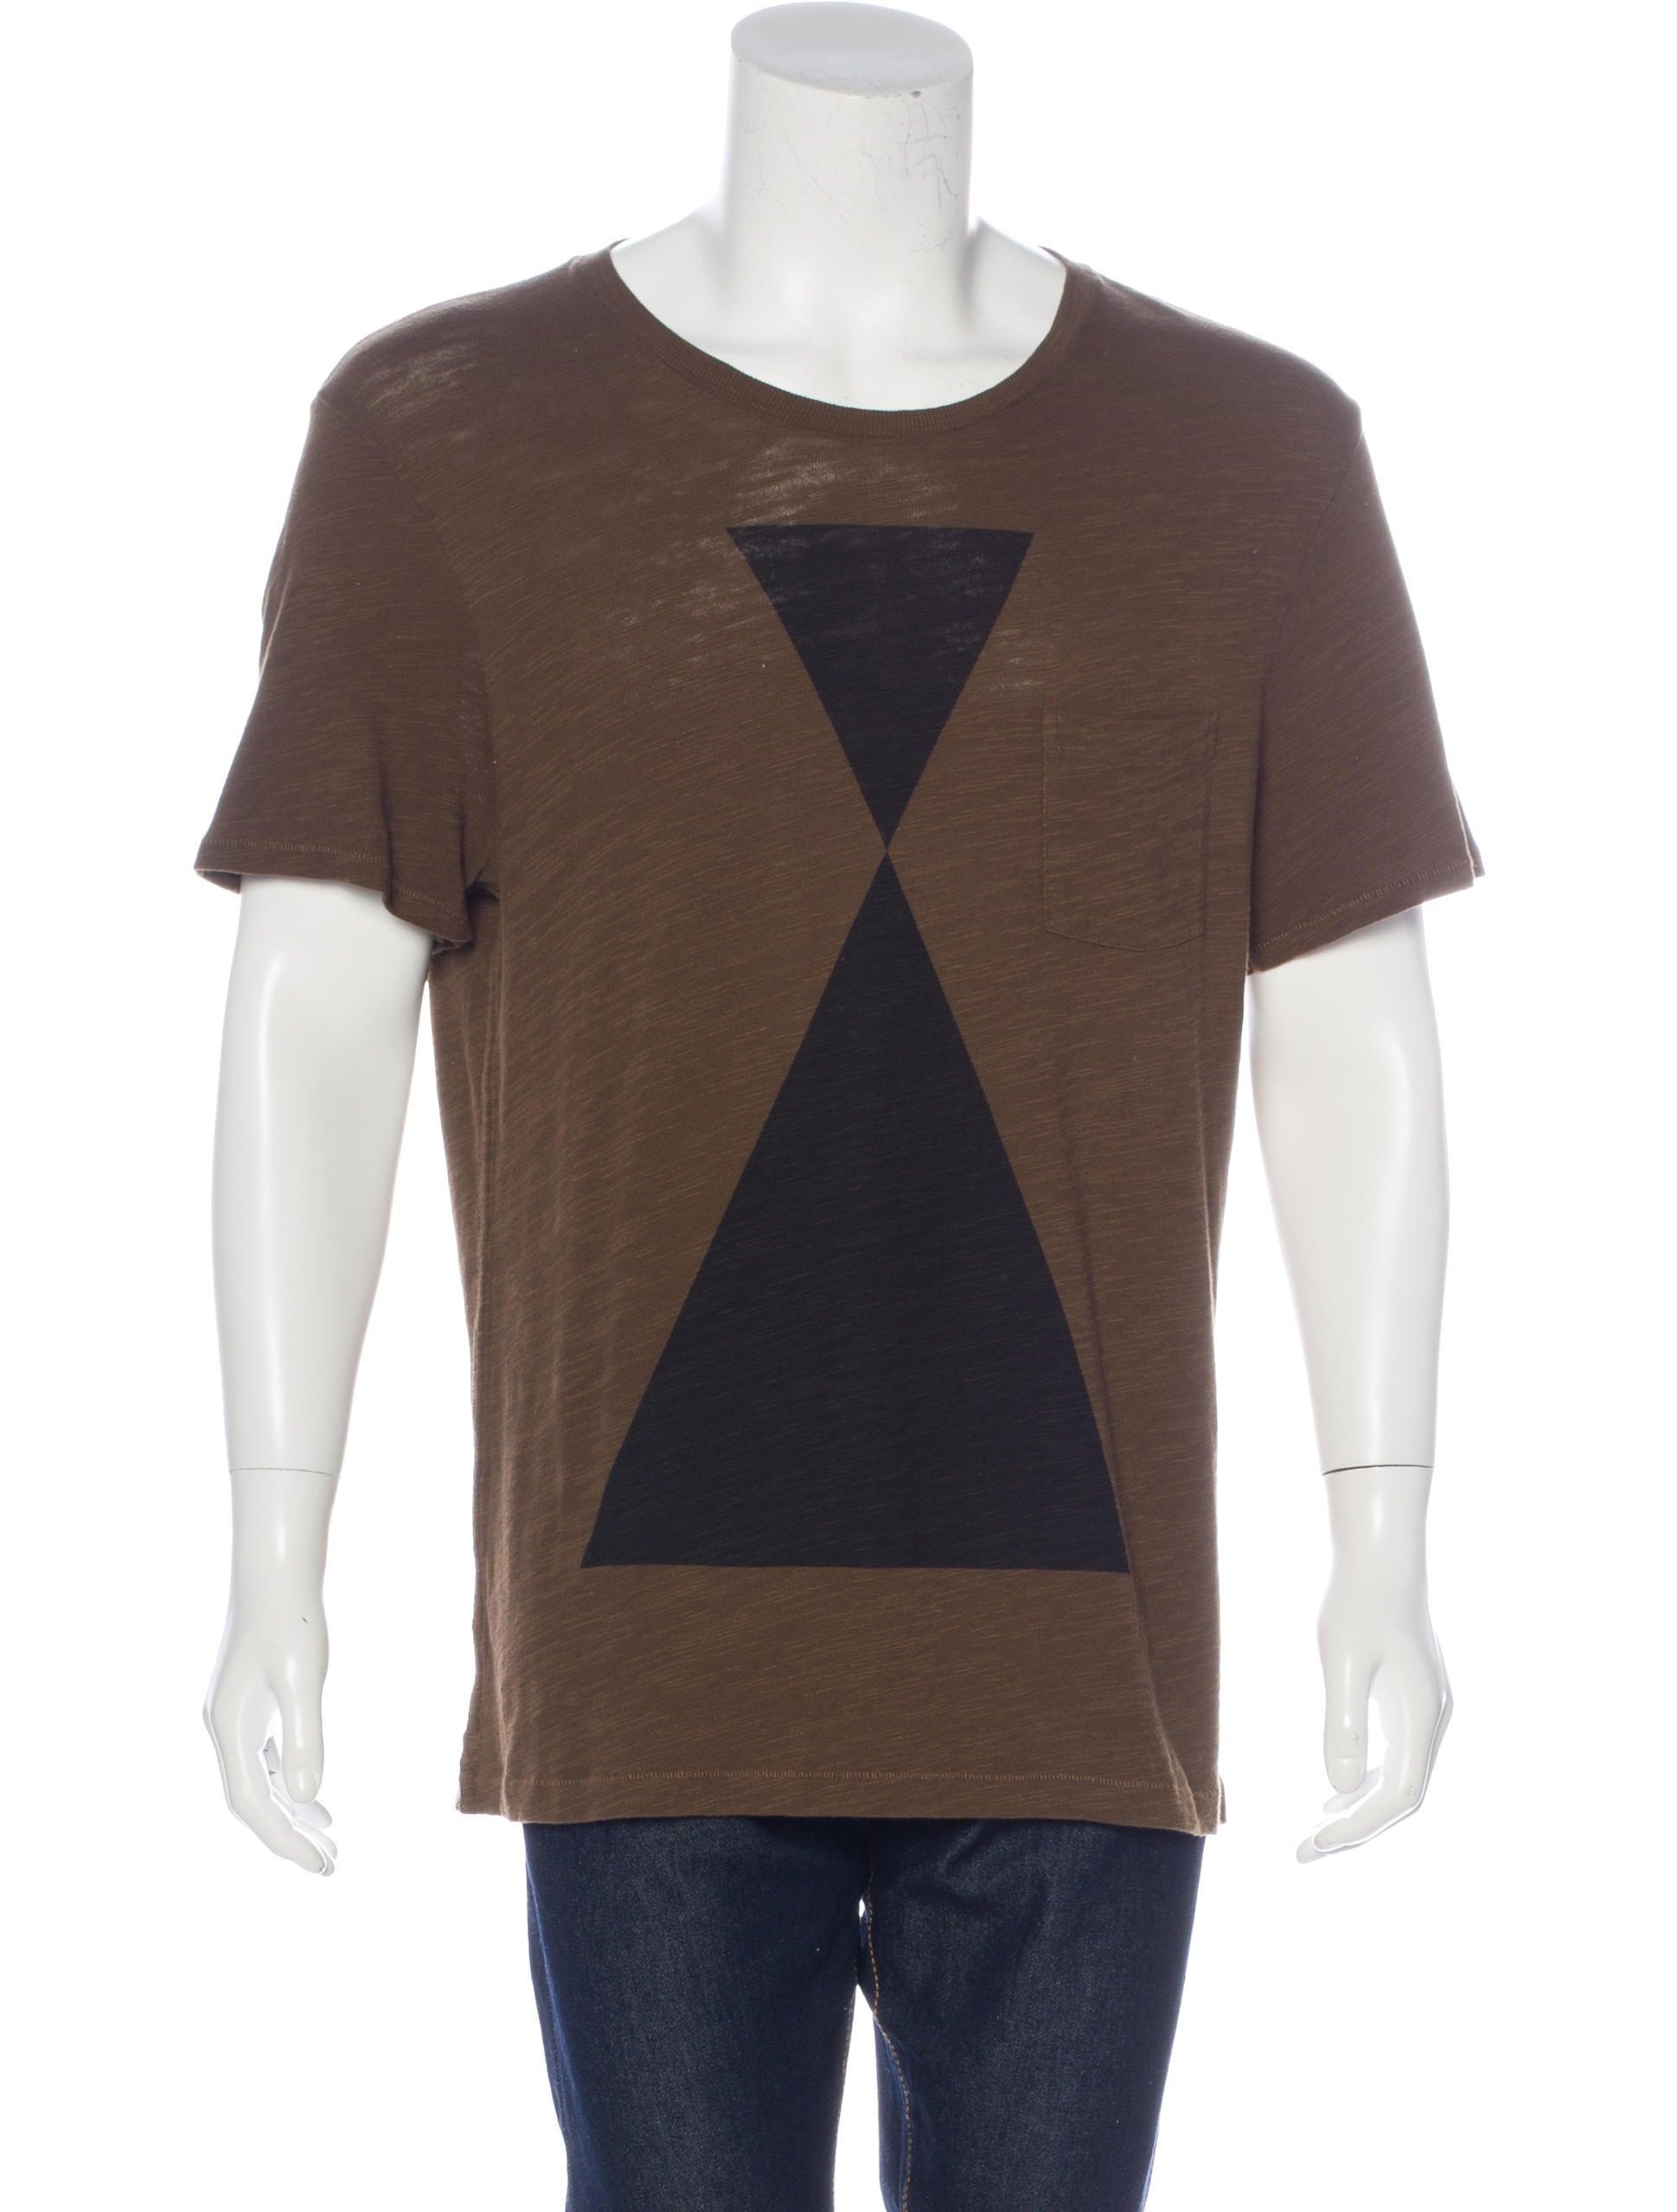 Rag Bone Geometric Print T Shirt W Tags Clothing